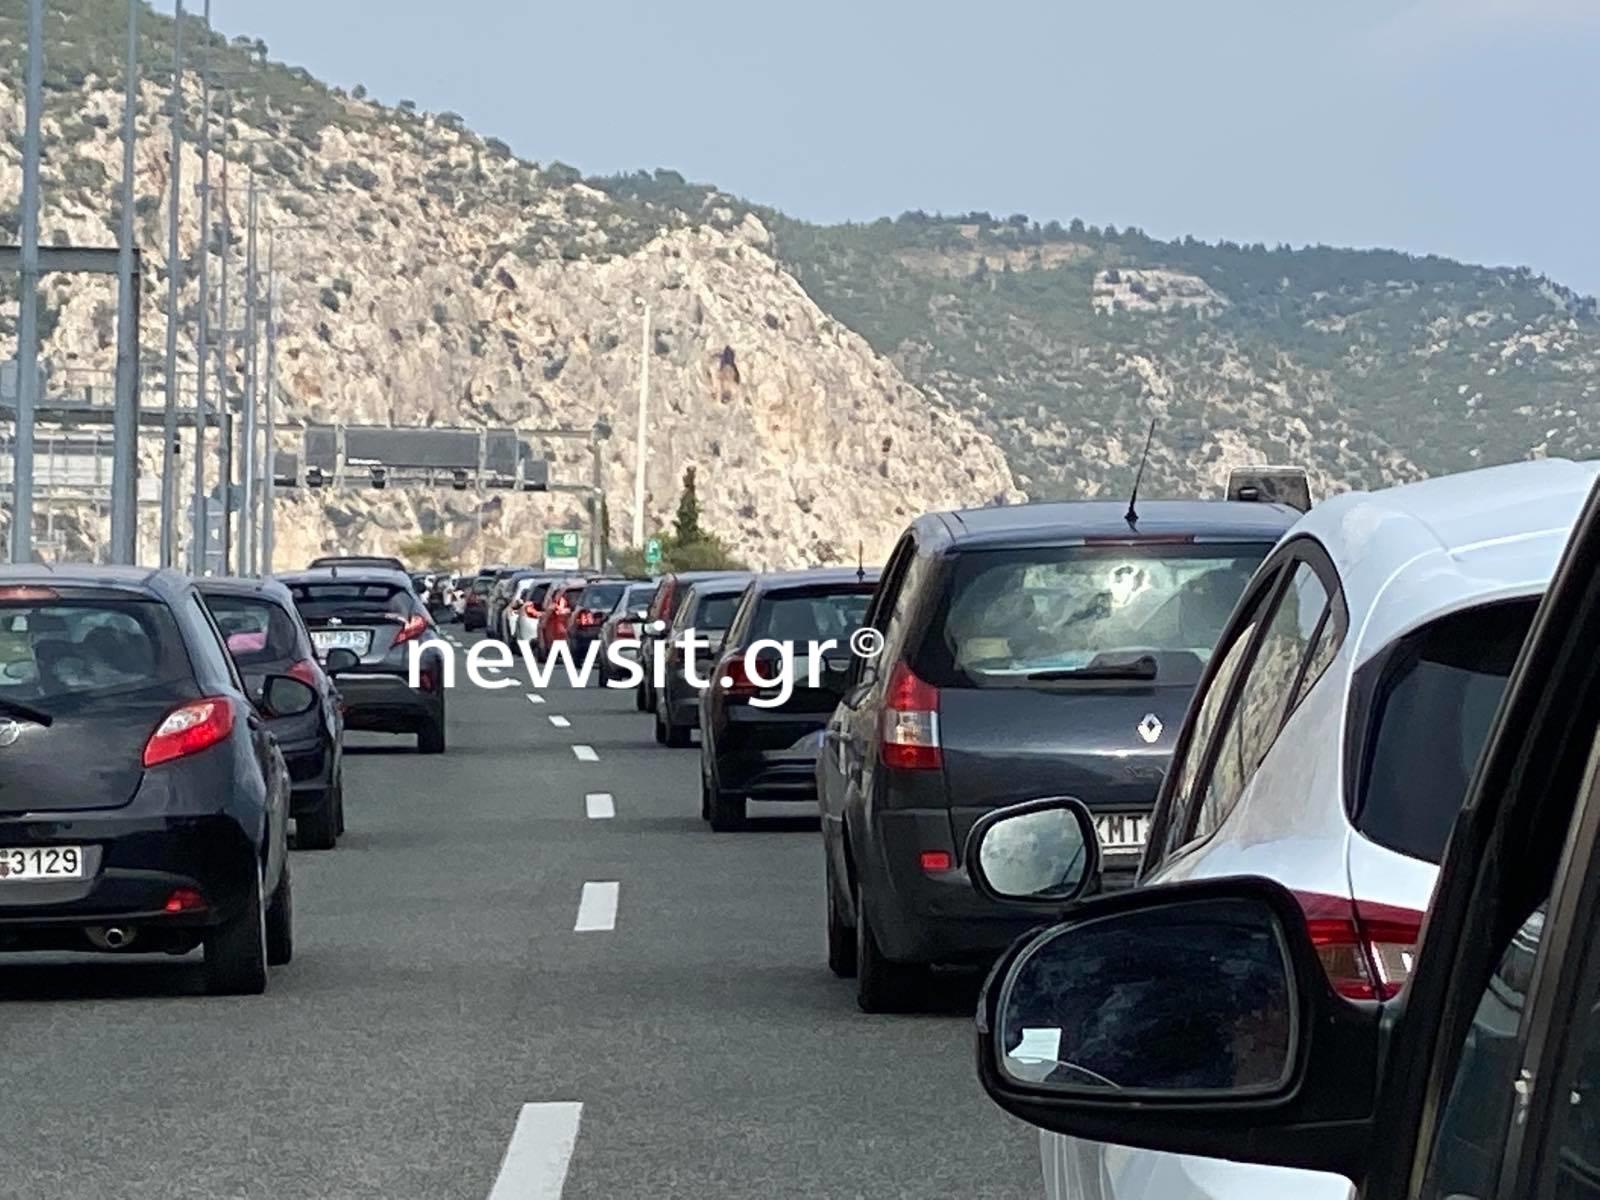 Τροχαίο πριν από τα διόδια της Ελευσίνας – Ταλαιπωρία για τους οδηγούς (pics)